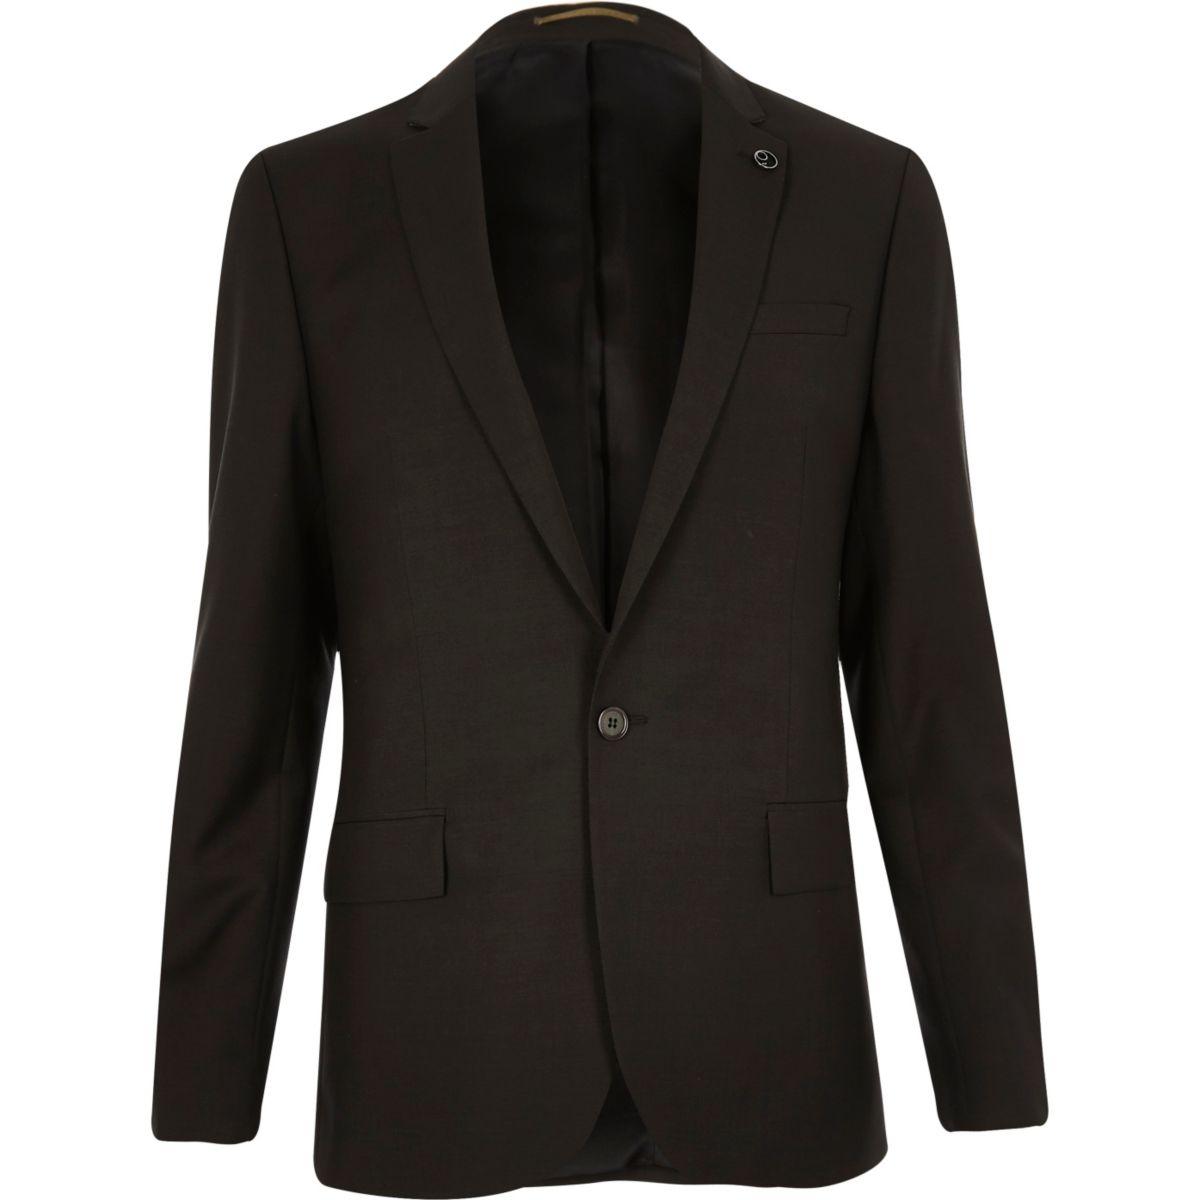 Schmale Anzugsjacke in Khaki